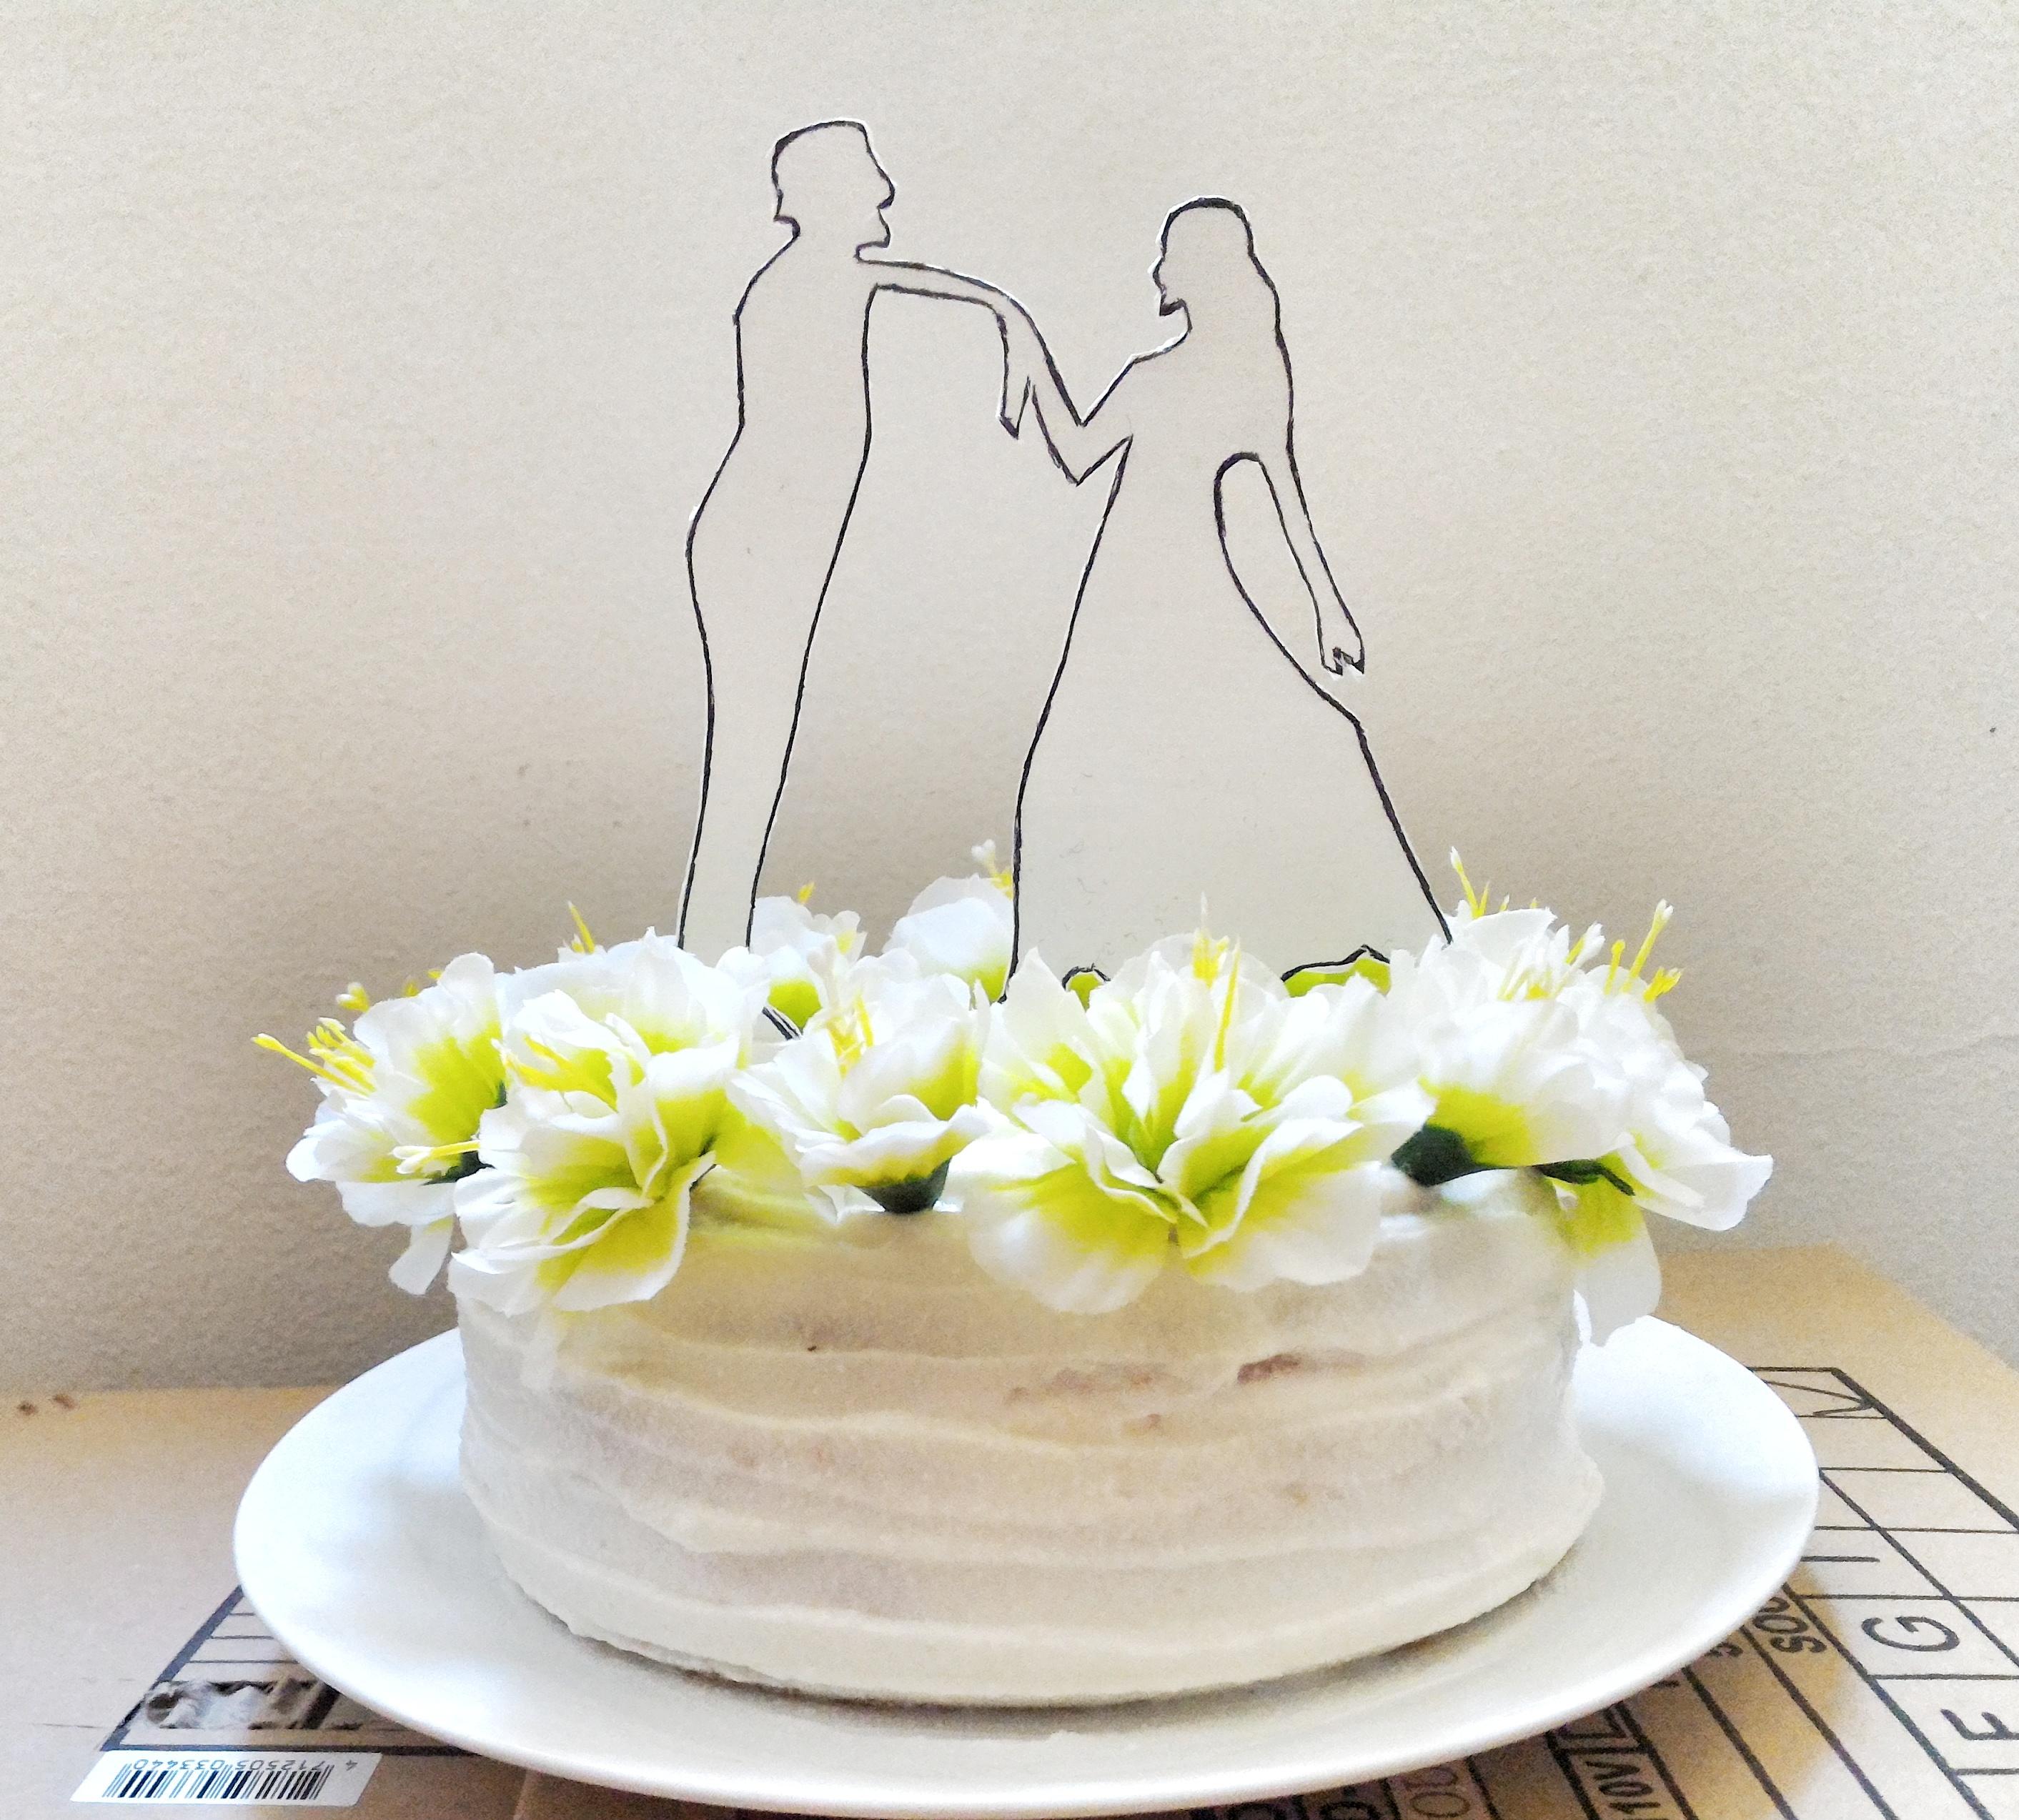 Torte Matrimonio Girasoli : Matrimonio: s.o.s torta nuziale fatta in casa #debhpassionecucina